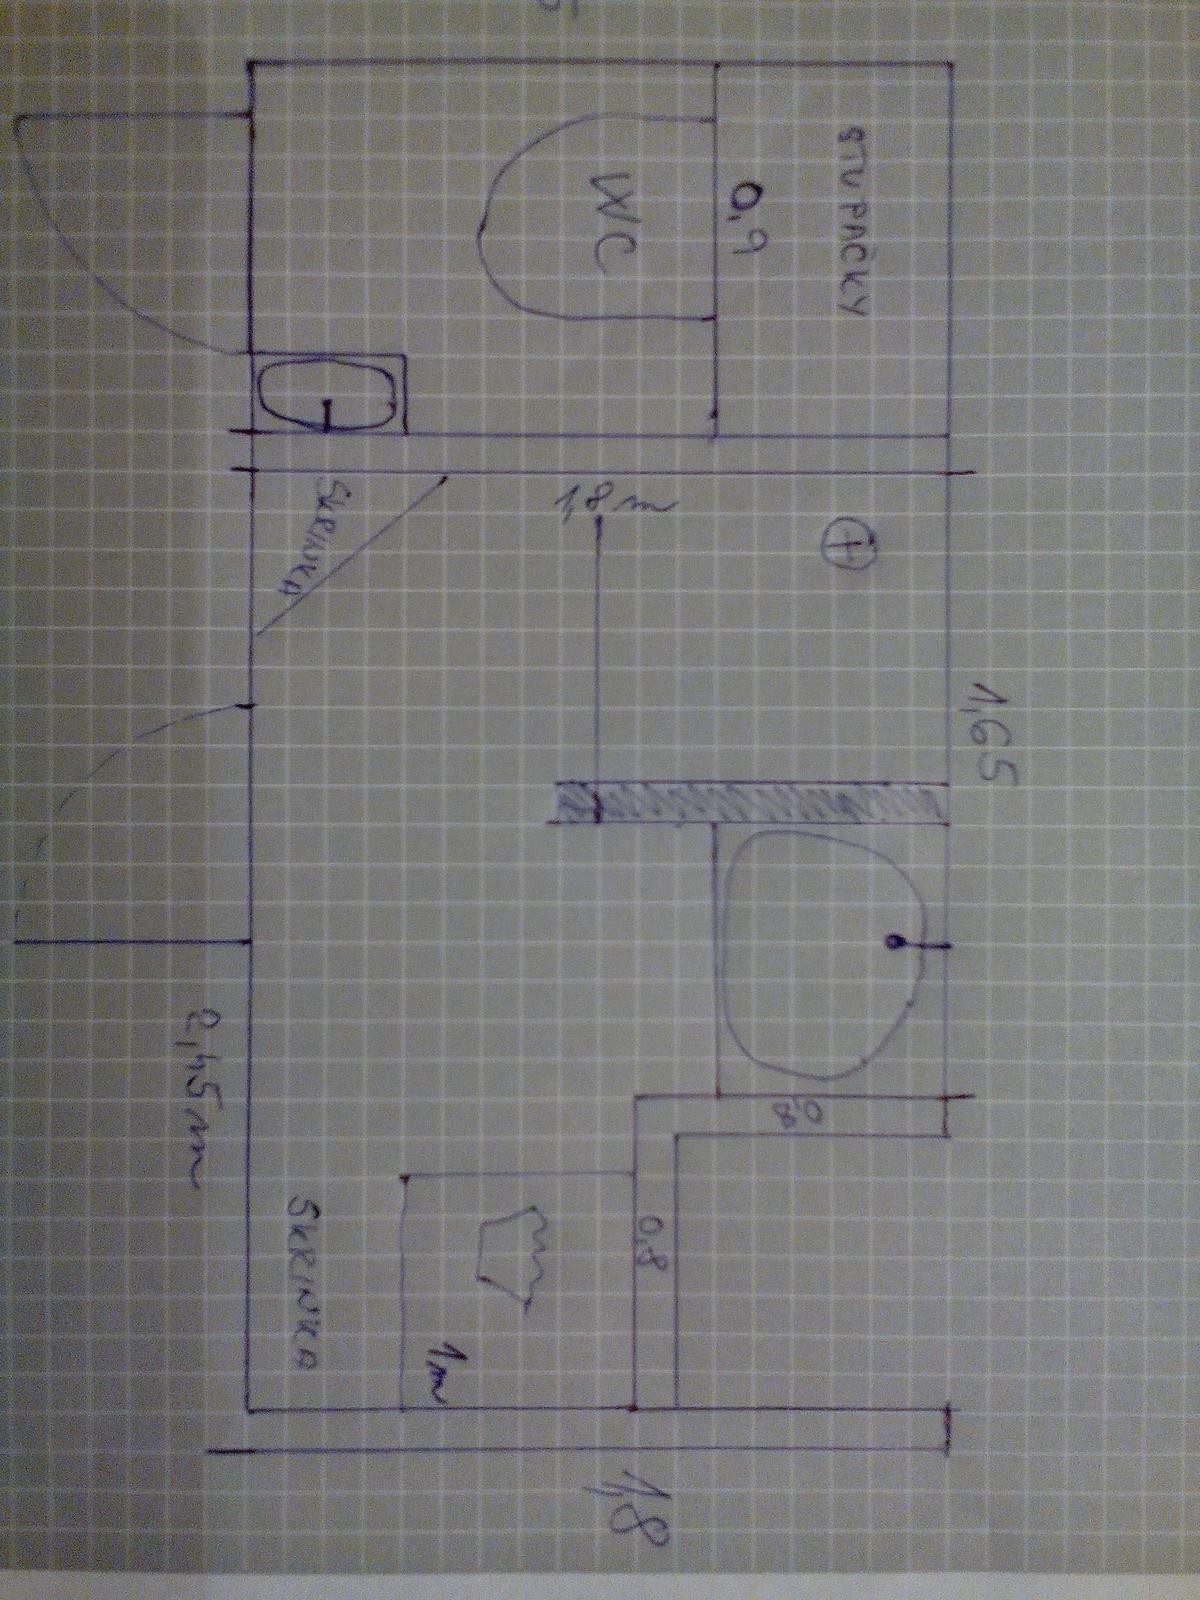 Mam dva navrhy a... - Obrázok č. 1